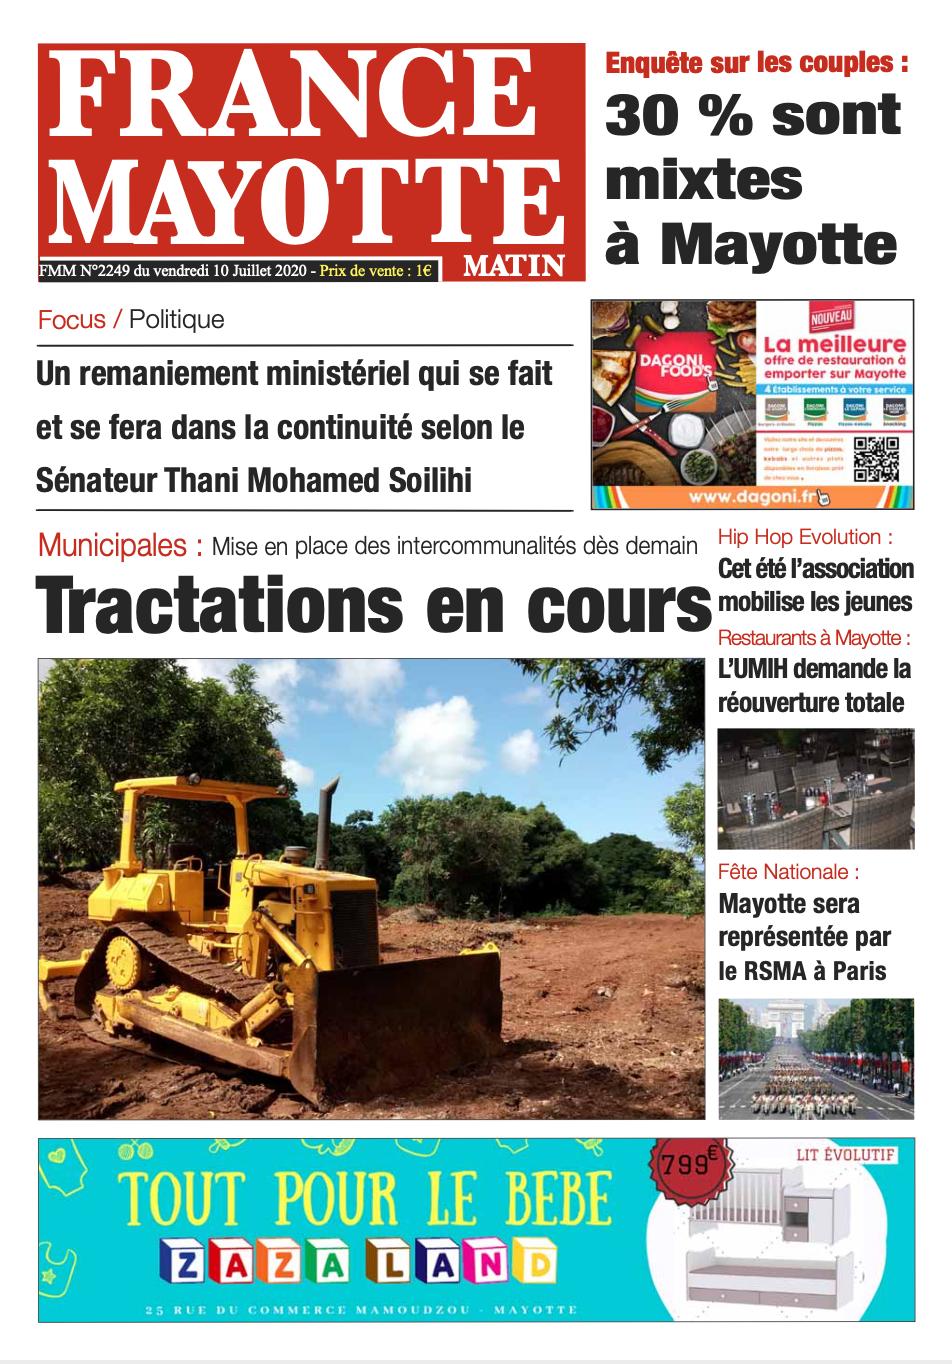 France Mayotte Vendredi 10 juillet 2020